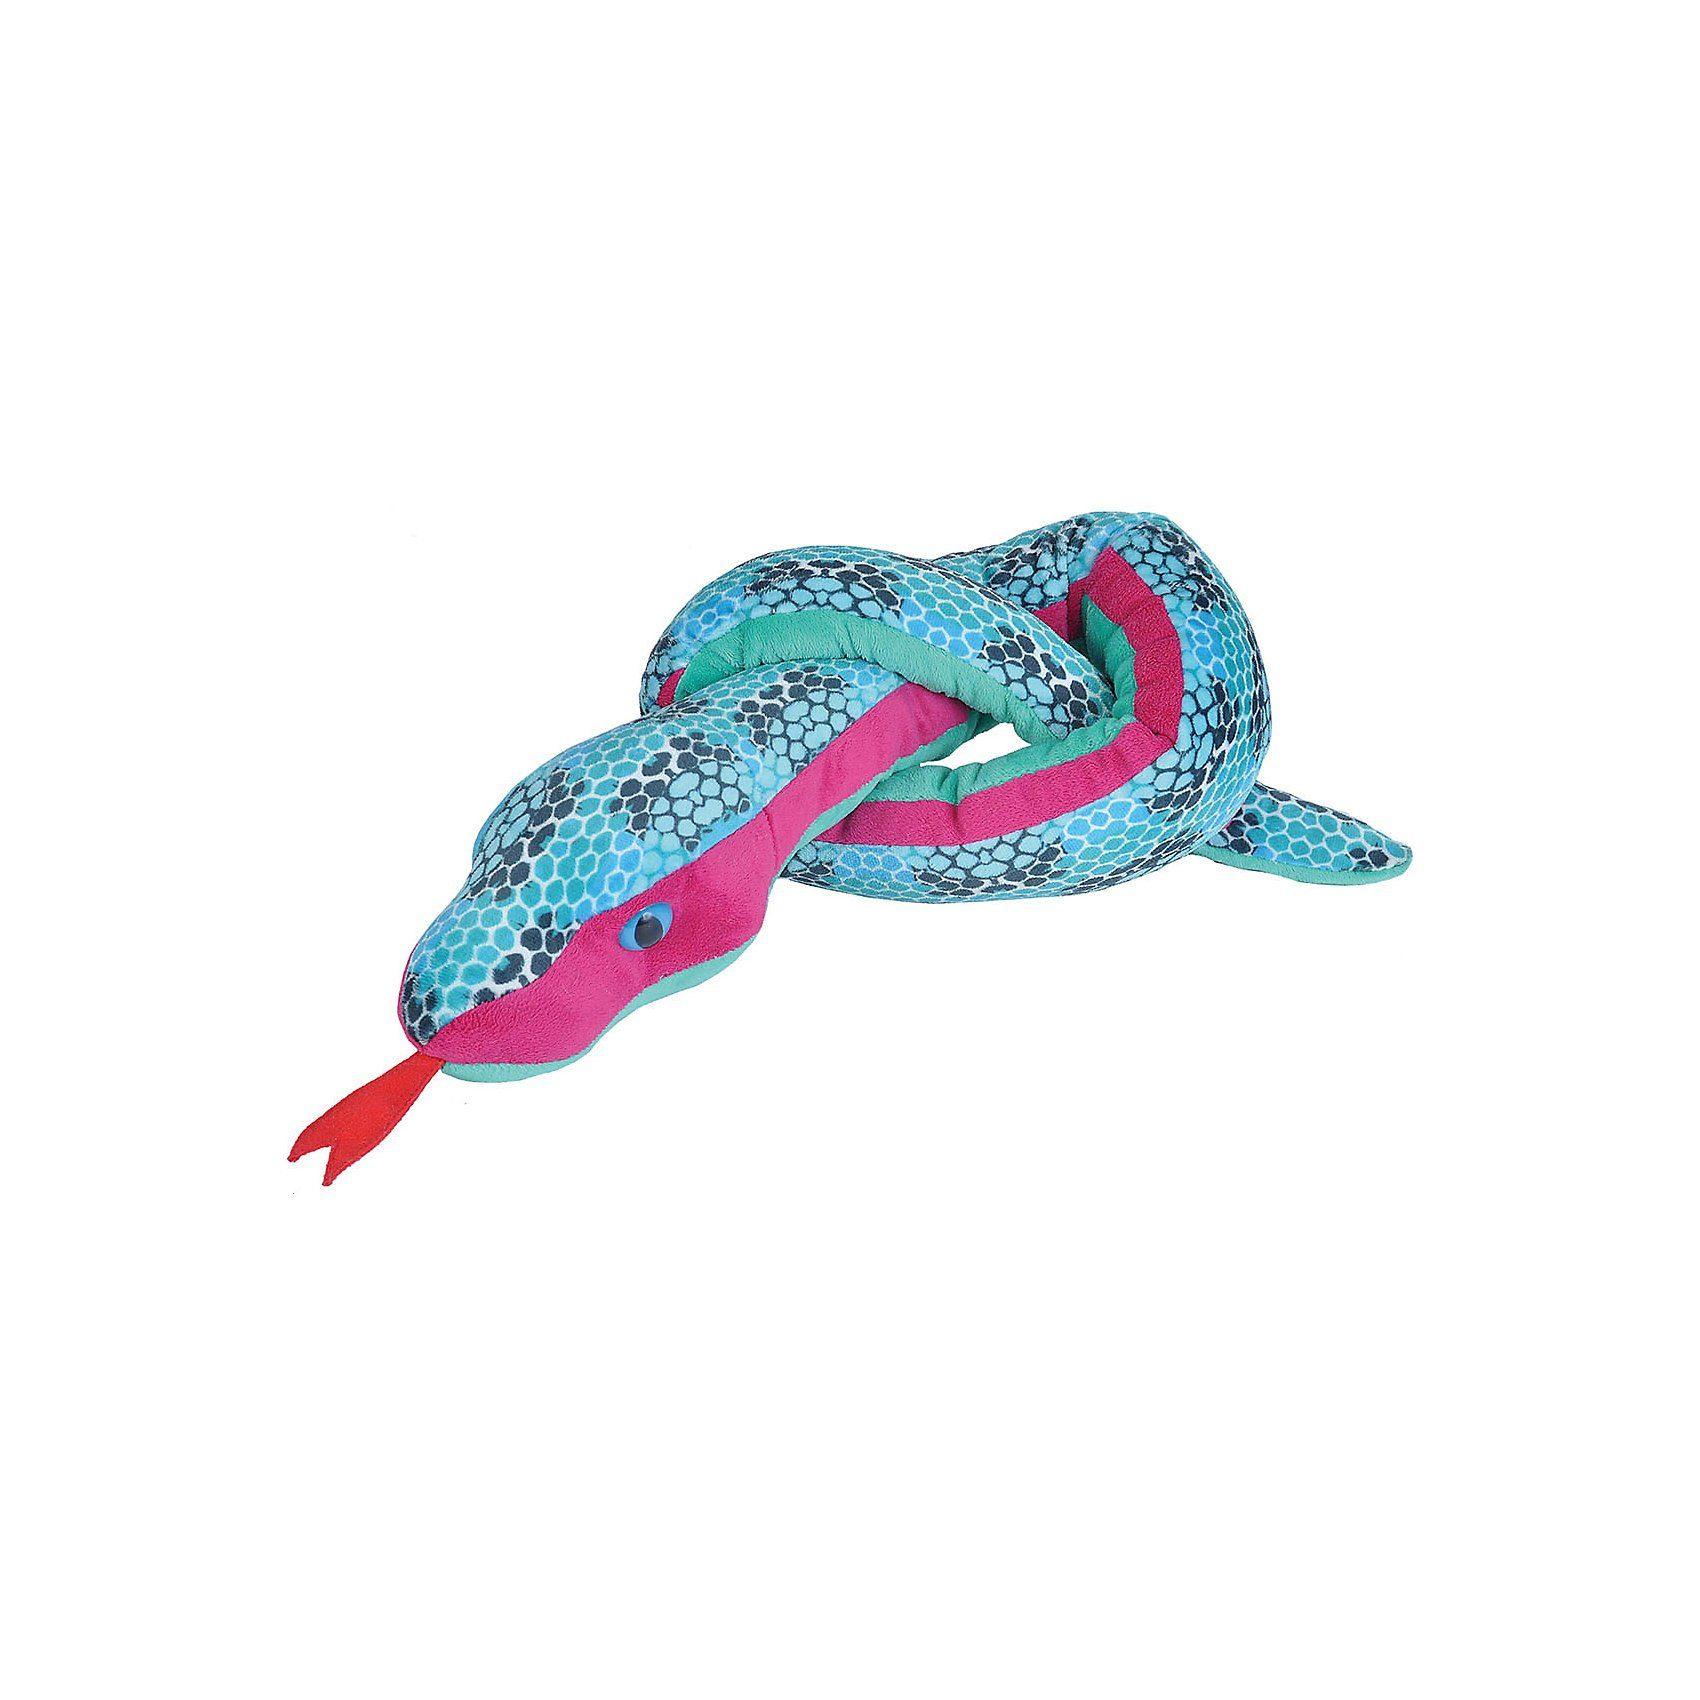 WILD REPUBLIC  Snakesss Schlange Honigwaben blau, 54 cm